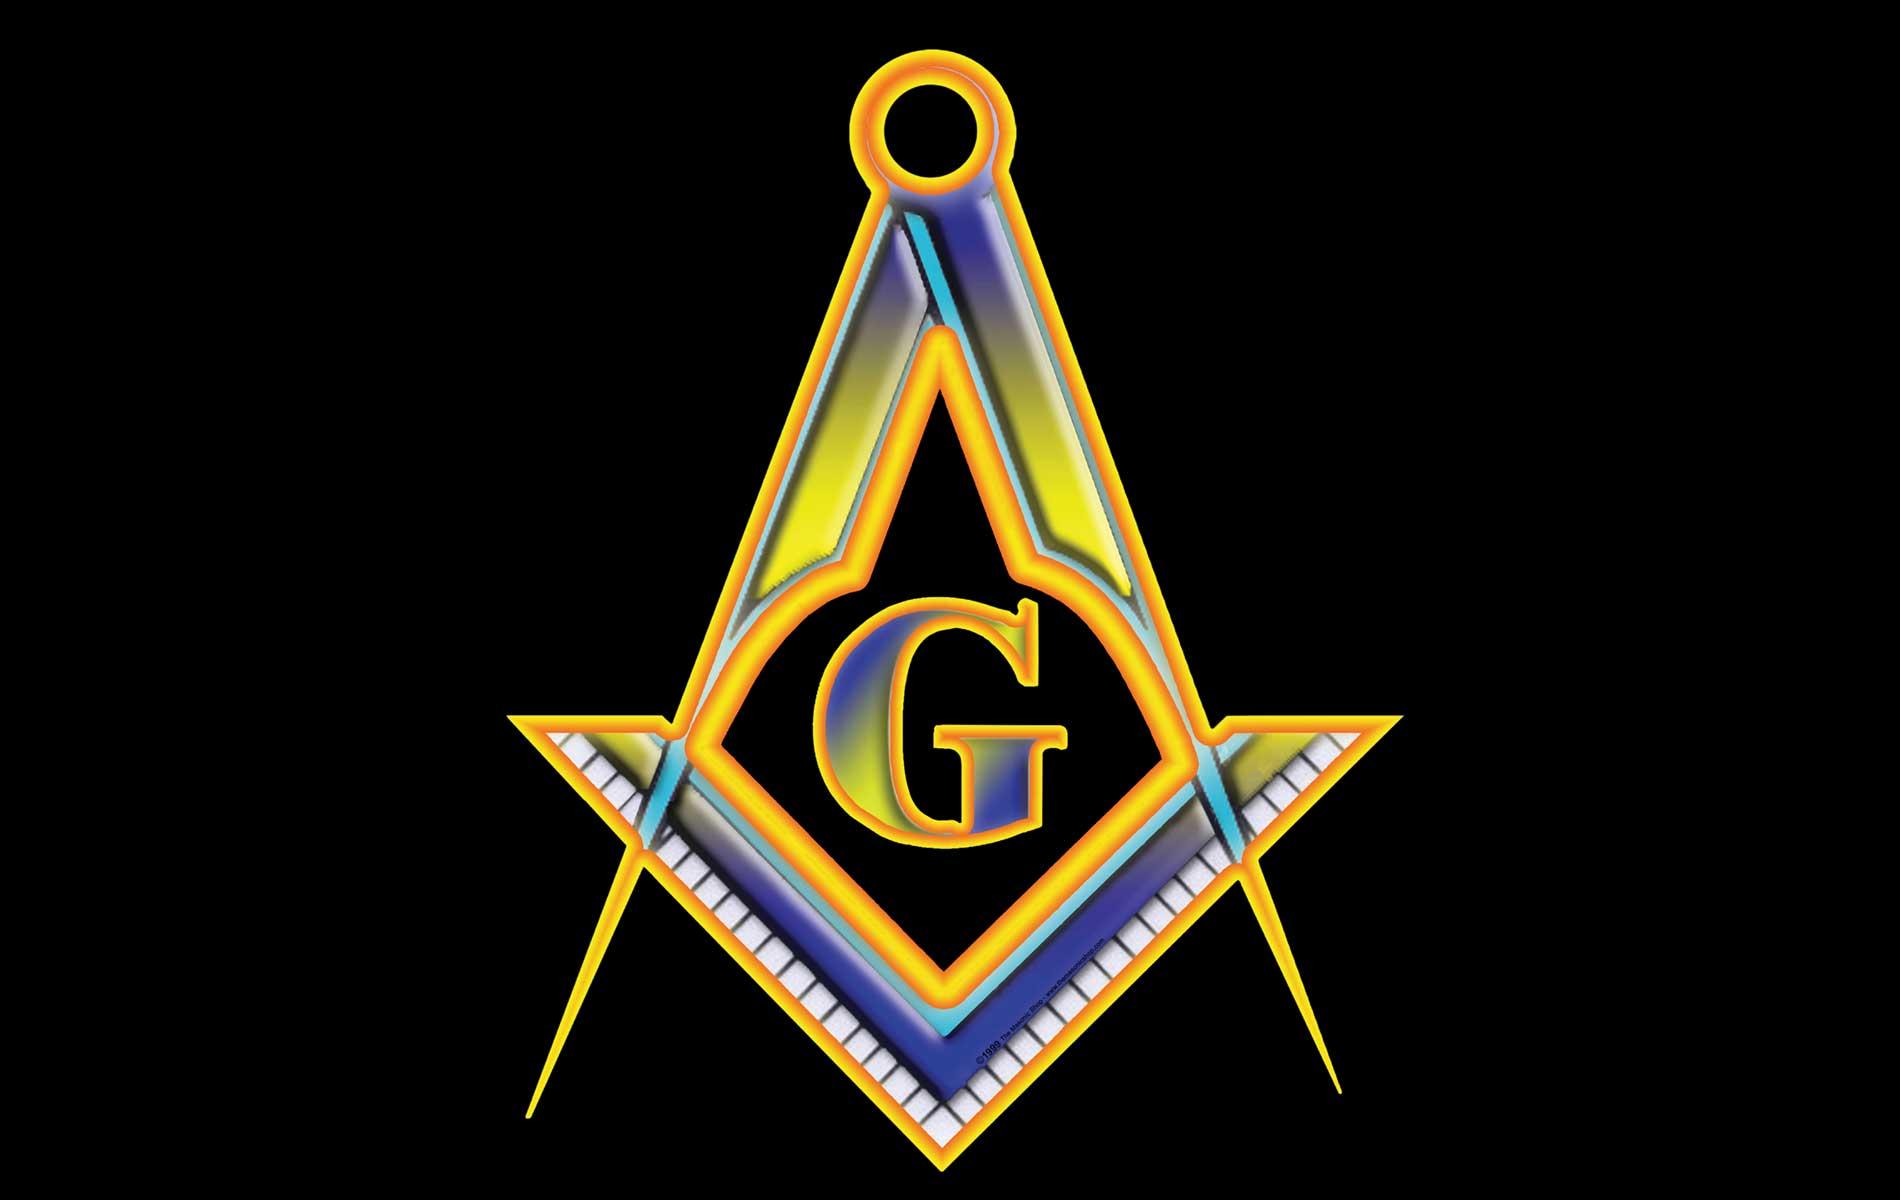 Masonic Wallpaper Courtesy of The Masonic Shop Page Six 1900x1200